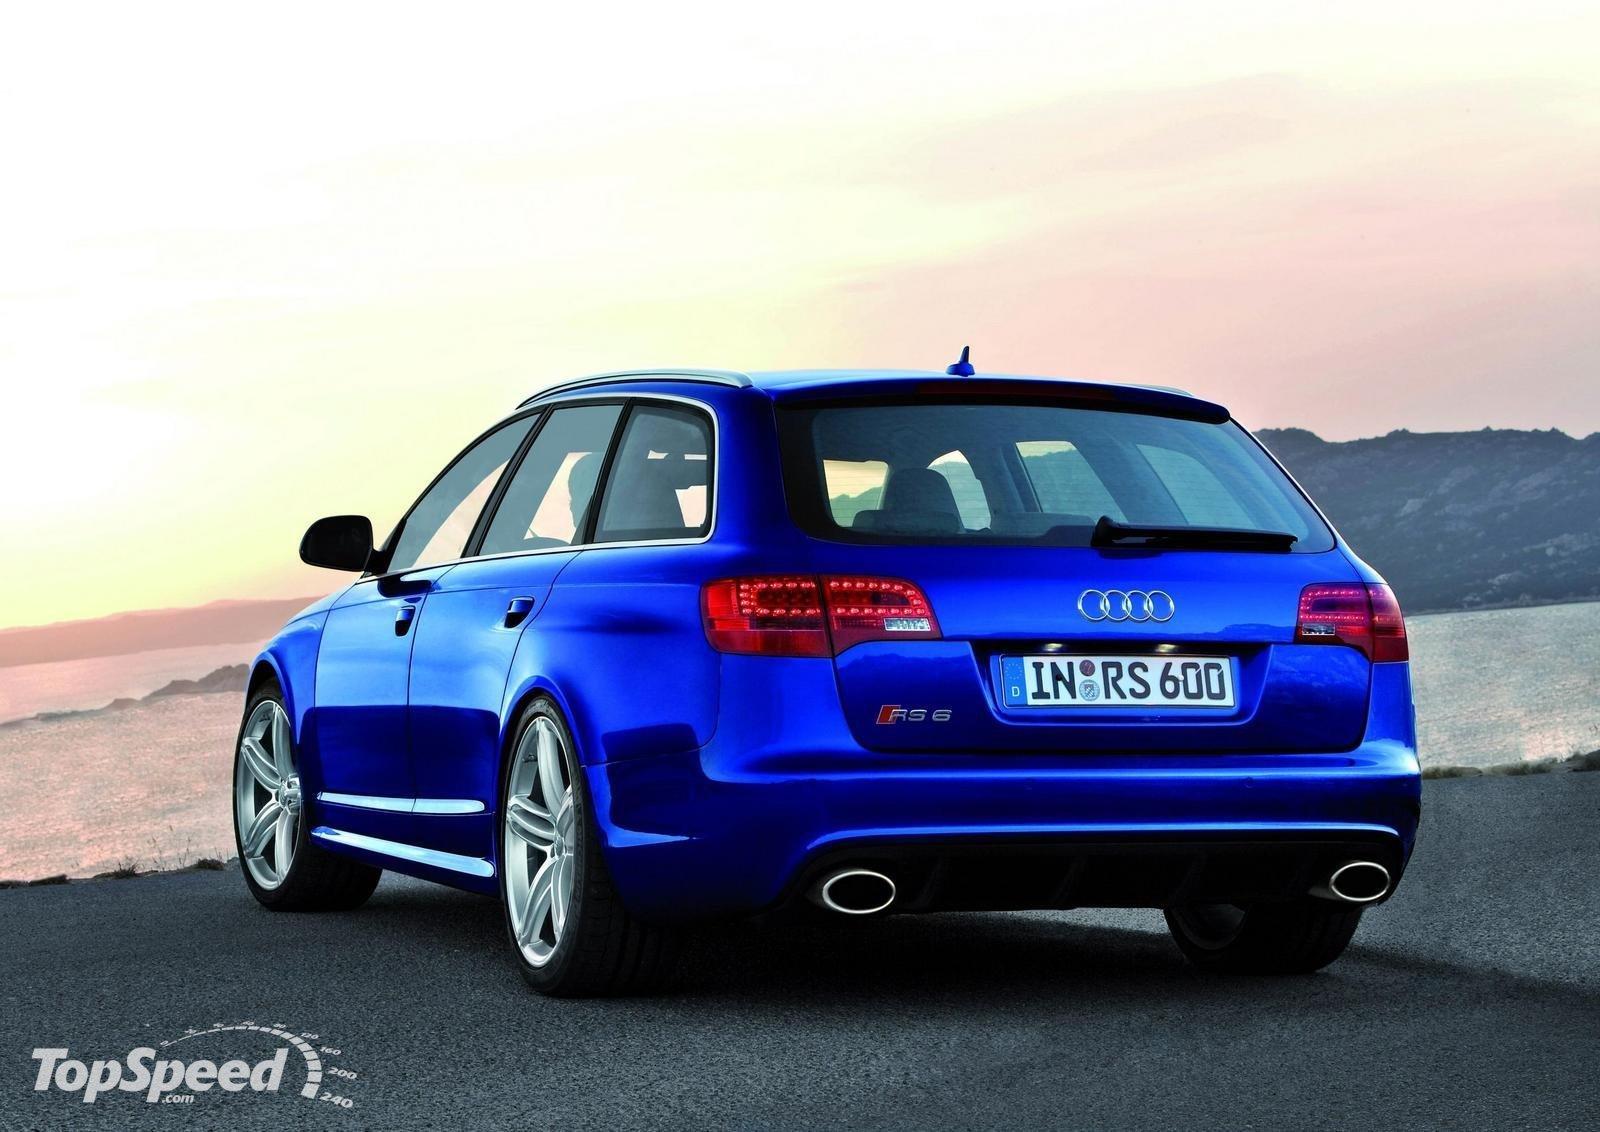 8324 скачать обои Транспорт, Машины, Ауди (Audi) - заставки и картинки бесплатно